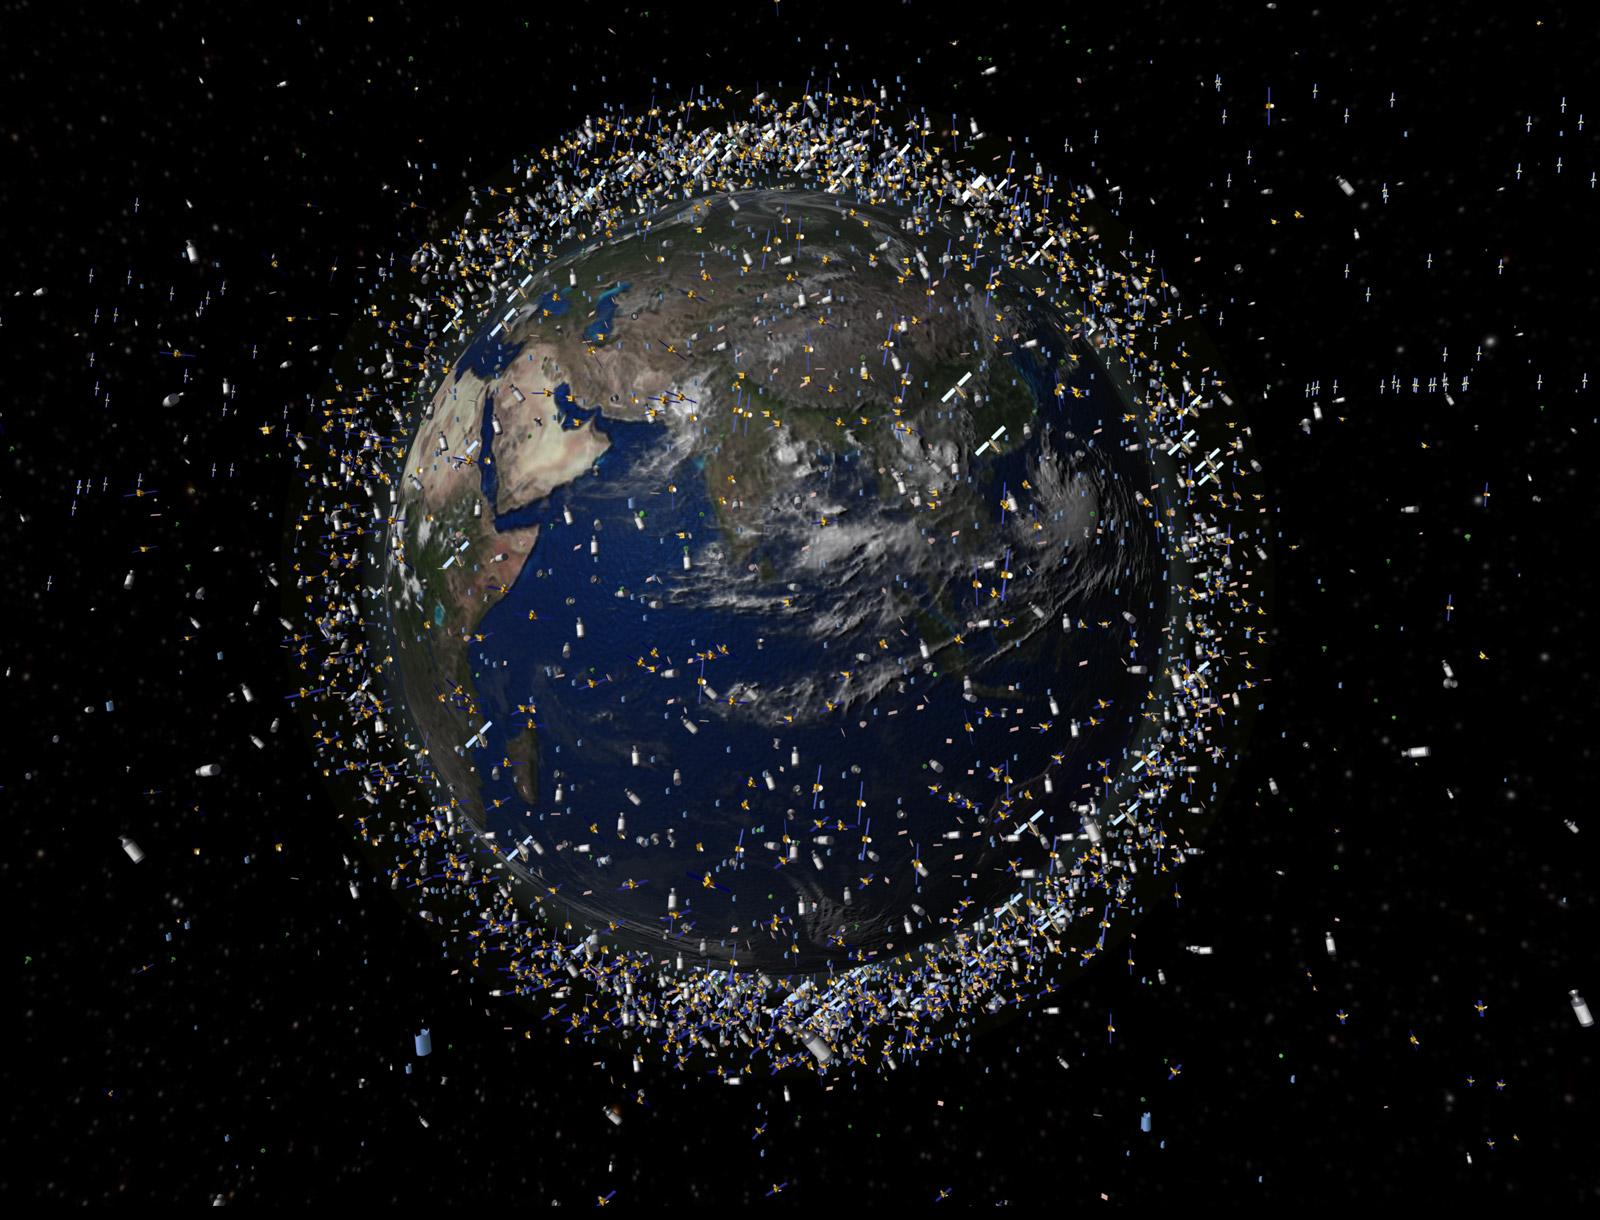 http://www.futura-sciences.com/uploads/tx_oxcsfutura/debrisSpatiaux_19000_esa.jpg